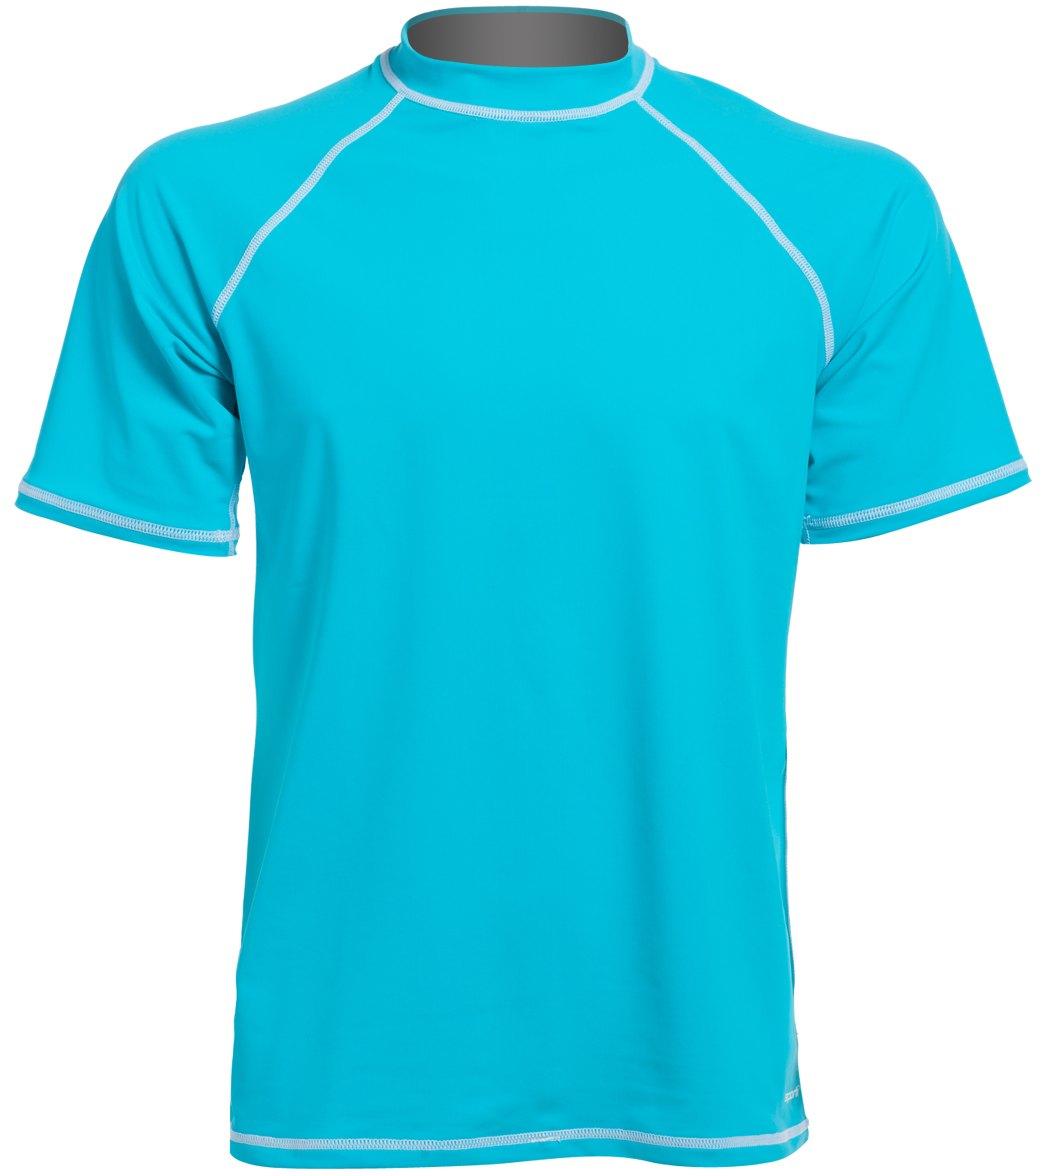 b3d128a380f31 Sporti Men's S/S UPF 50+ Swim Shirt at SwimOutlet.com